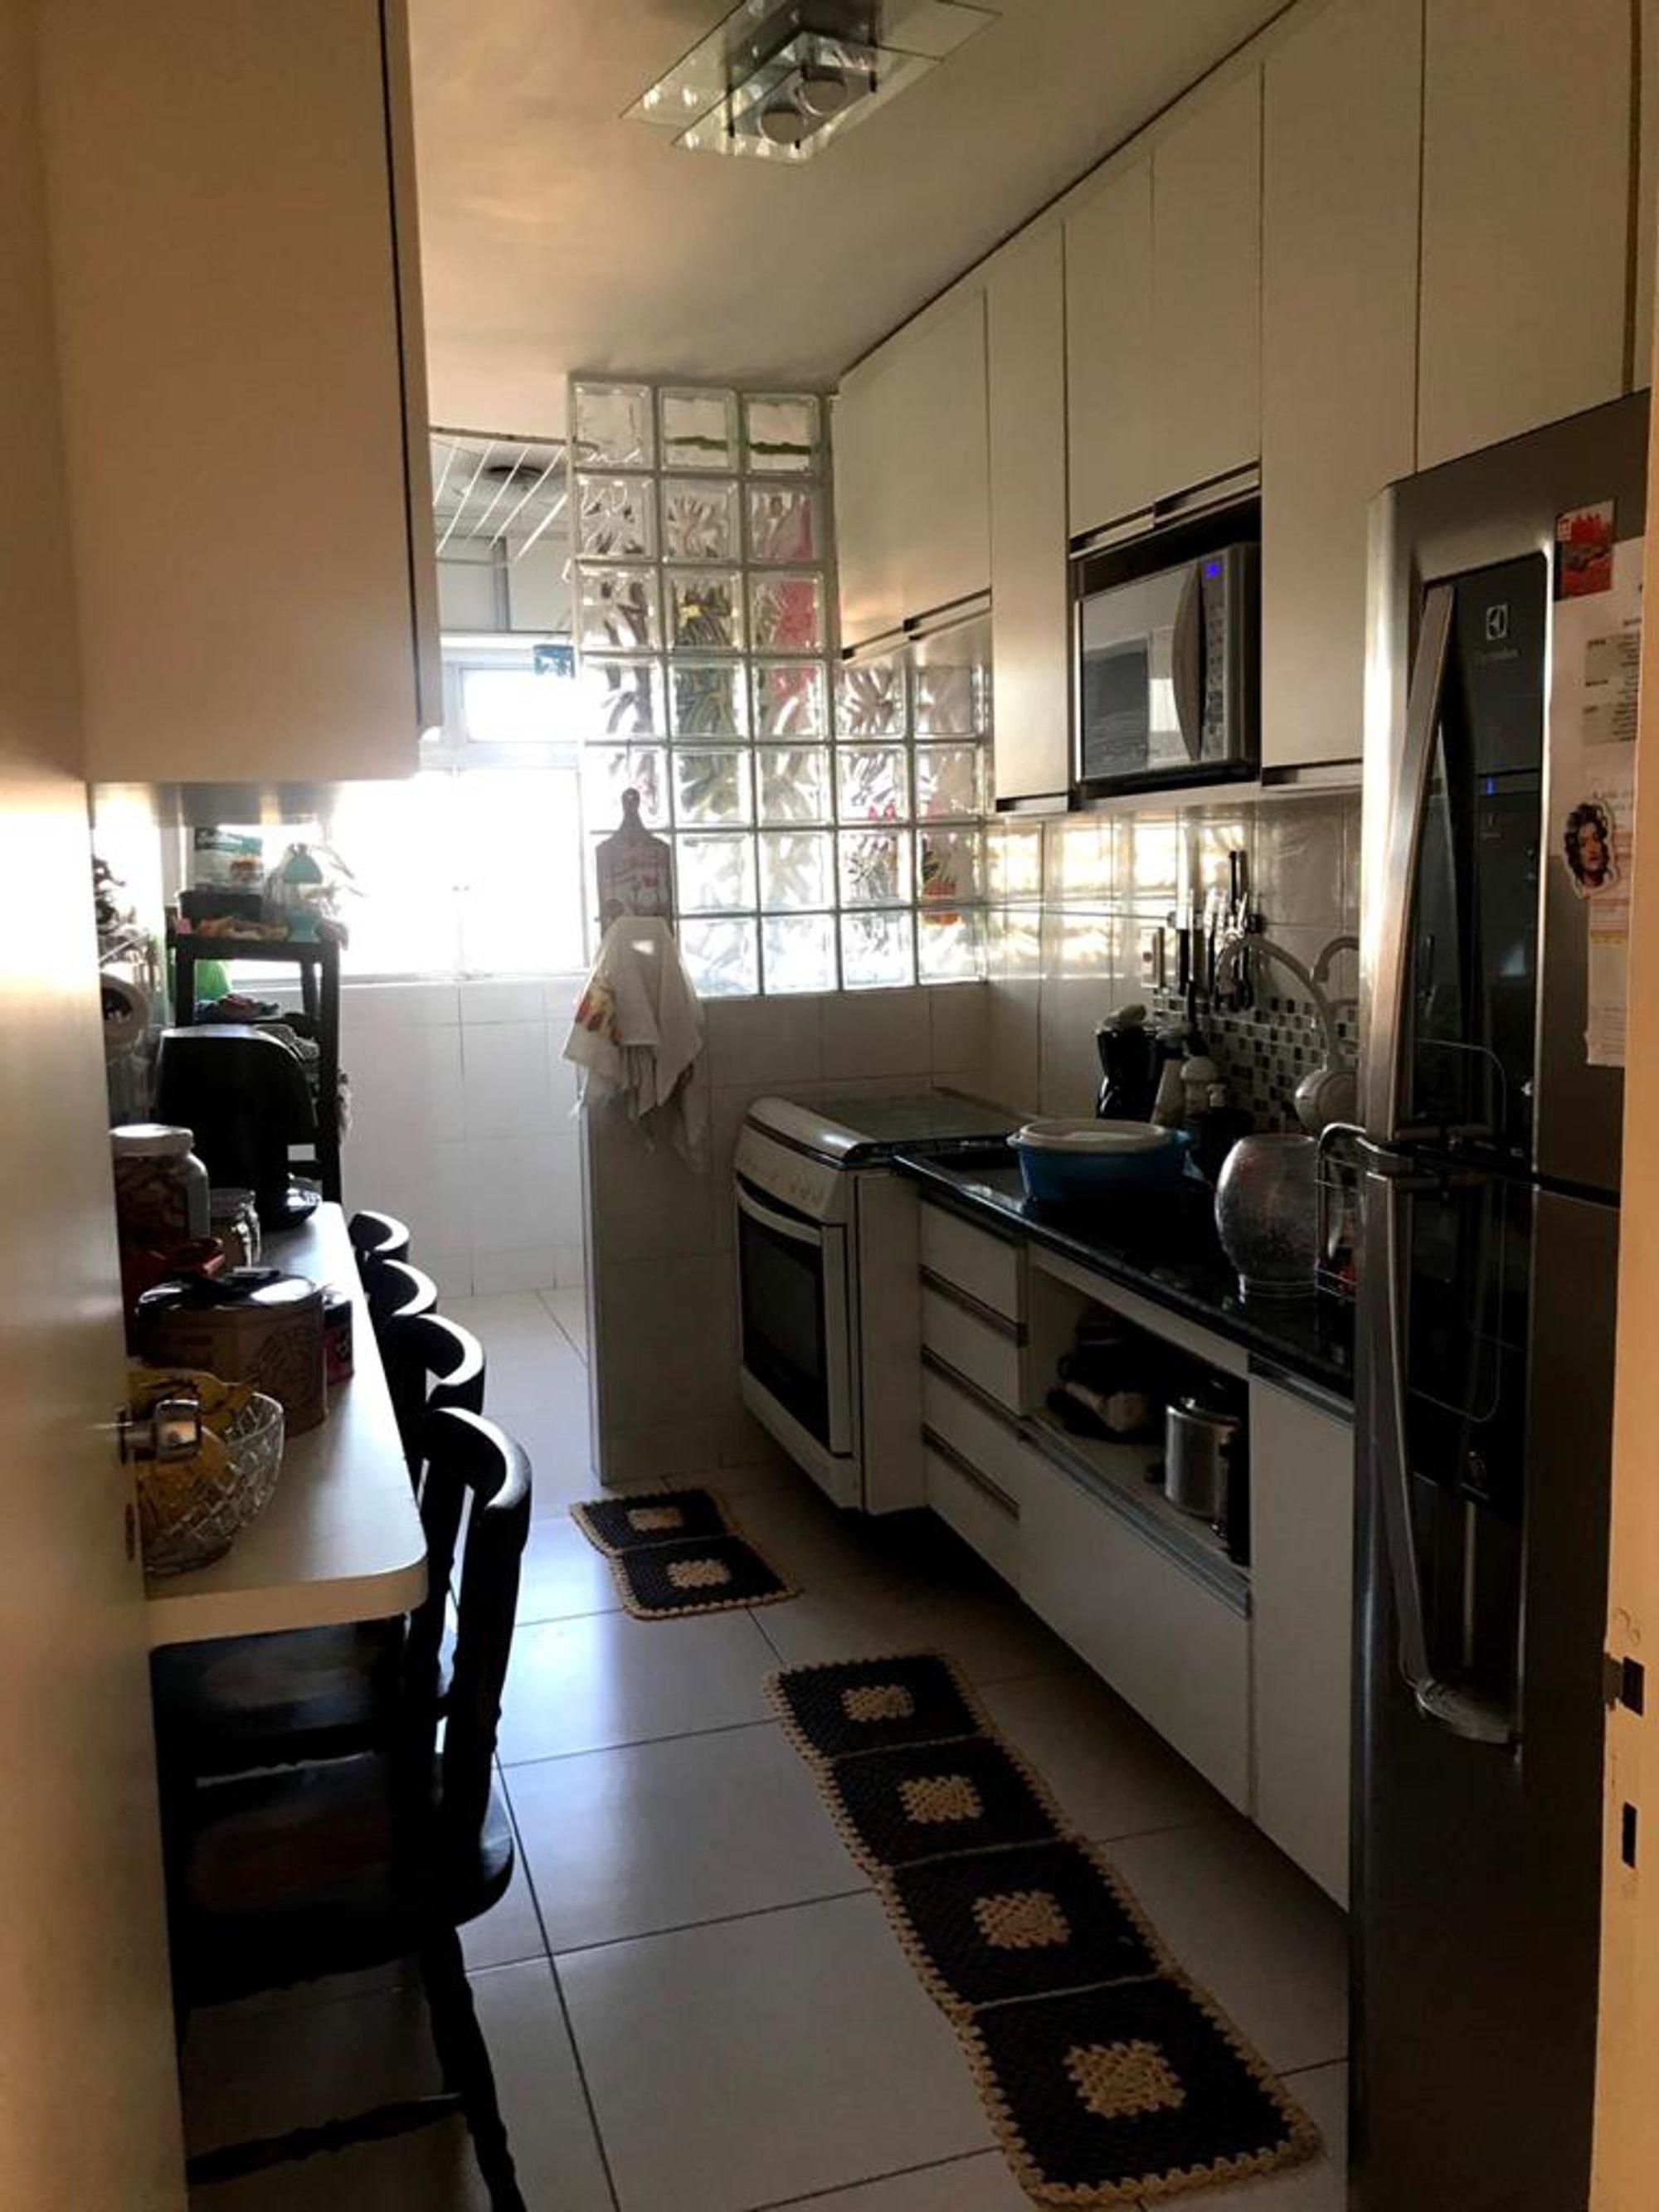 Foto de Cozinha com forno, tigela, geladeira, cadeira, microondas